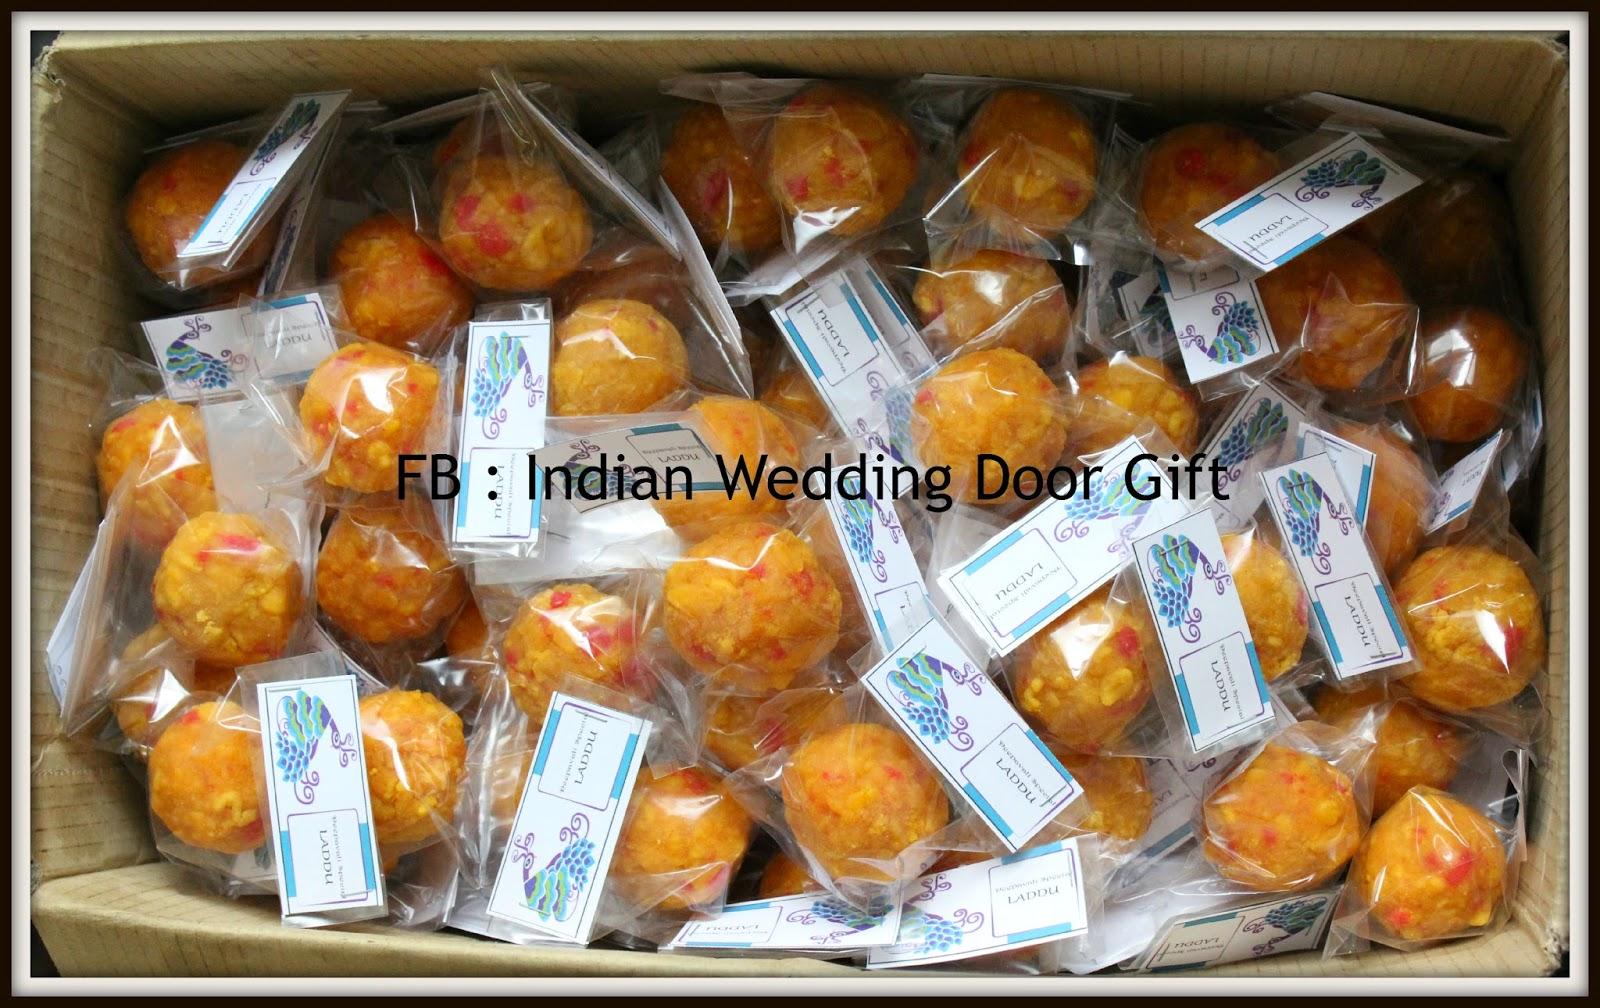 Indian Wedding Gift Bags: Indian Wedding Door Gift: December 2014